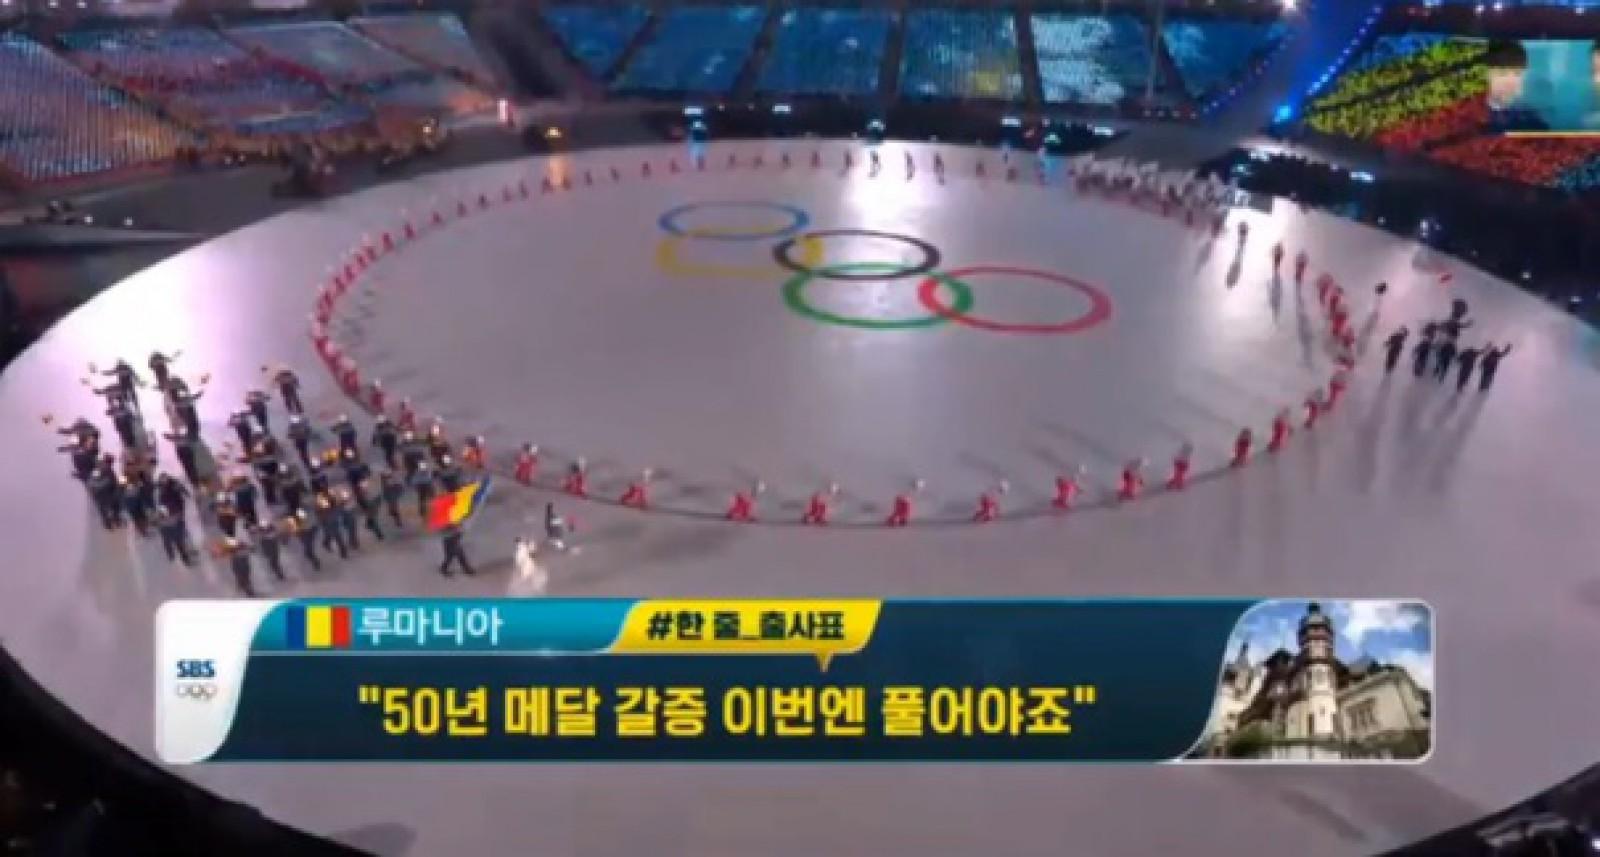 Coreea de Sud va suporta costurile pentru delegaţia Coreei de Nord la Jocurile Olimpice de iarnă